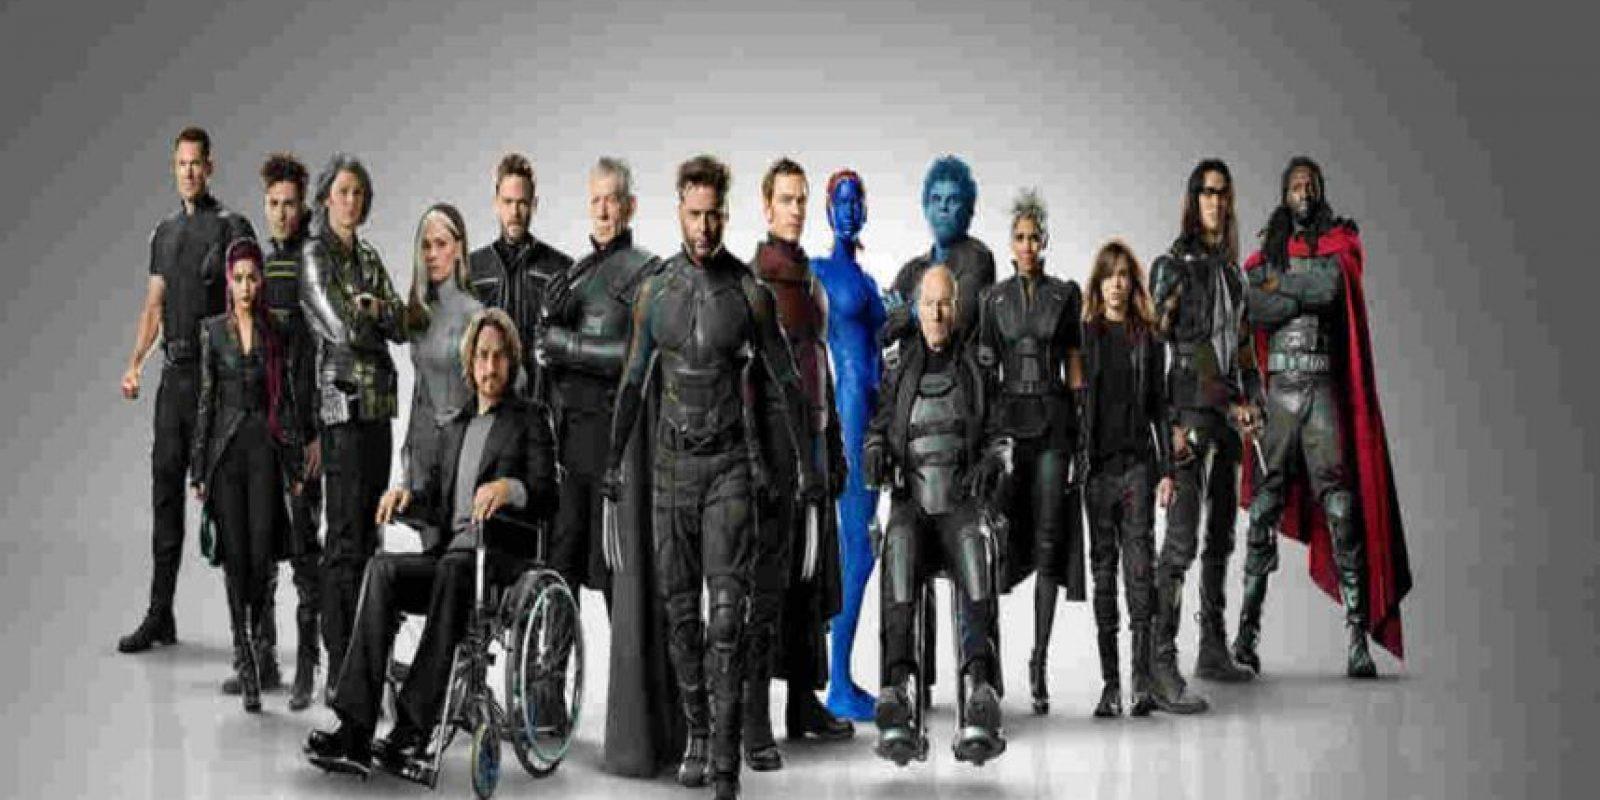 Aún no se sabe qué película será, pero se cree que X-Men. Enero 18, 2018. Foto:Fox